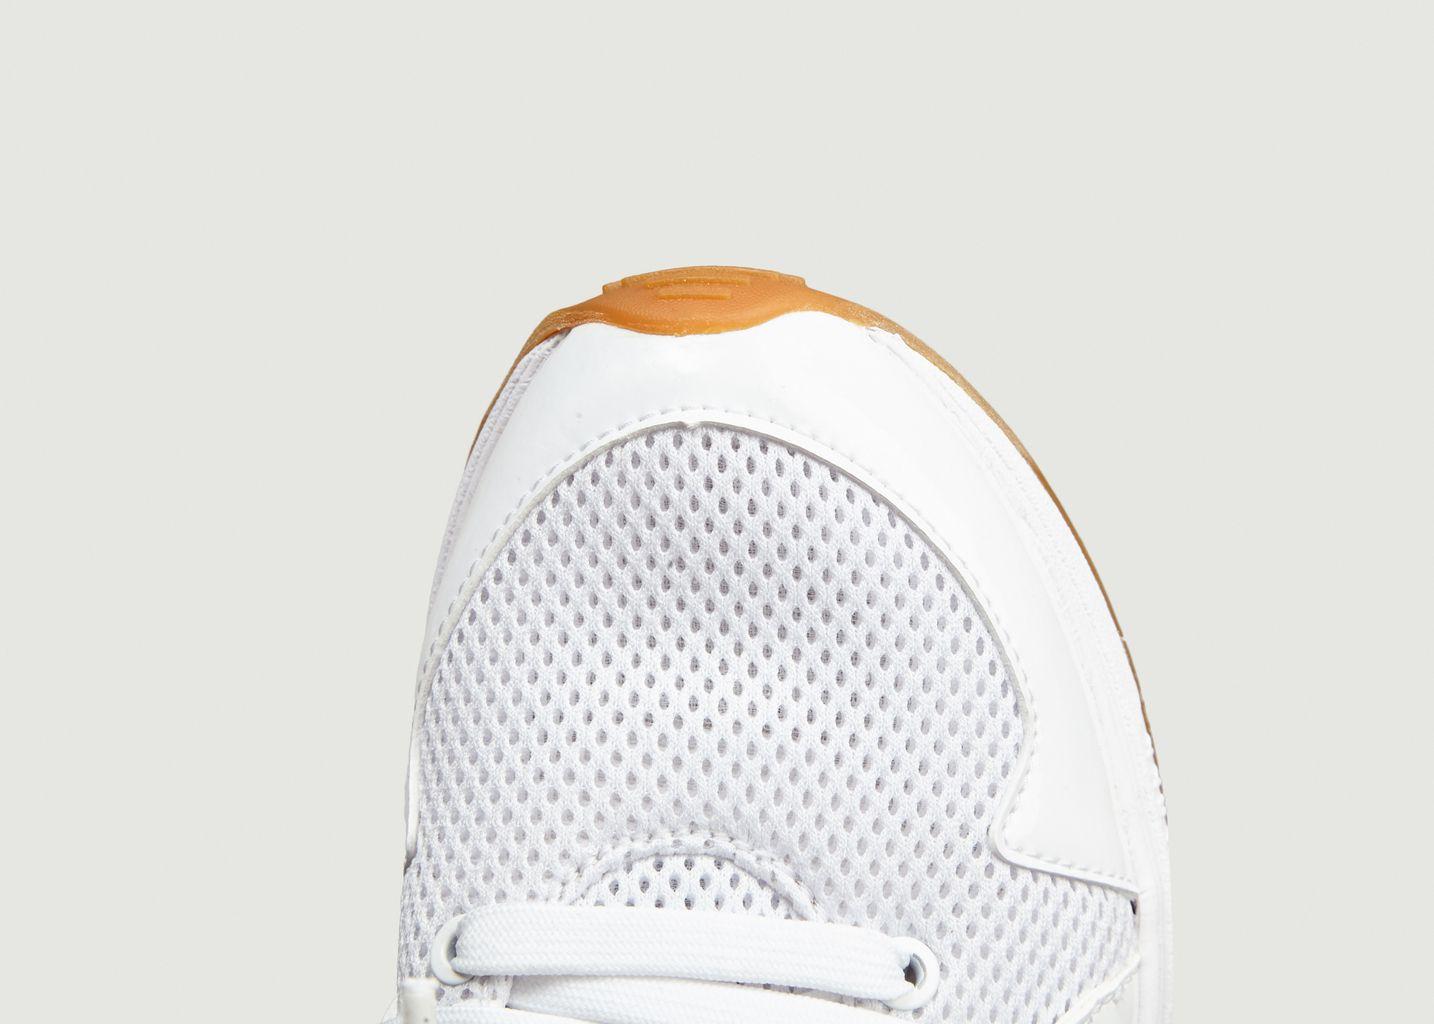 Sneakers Serinin Mesh 2.0 White Gum - Arkk